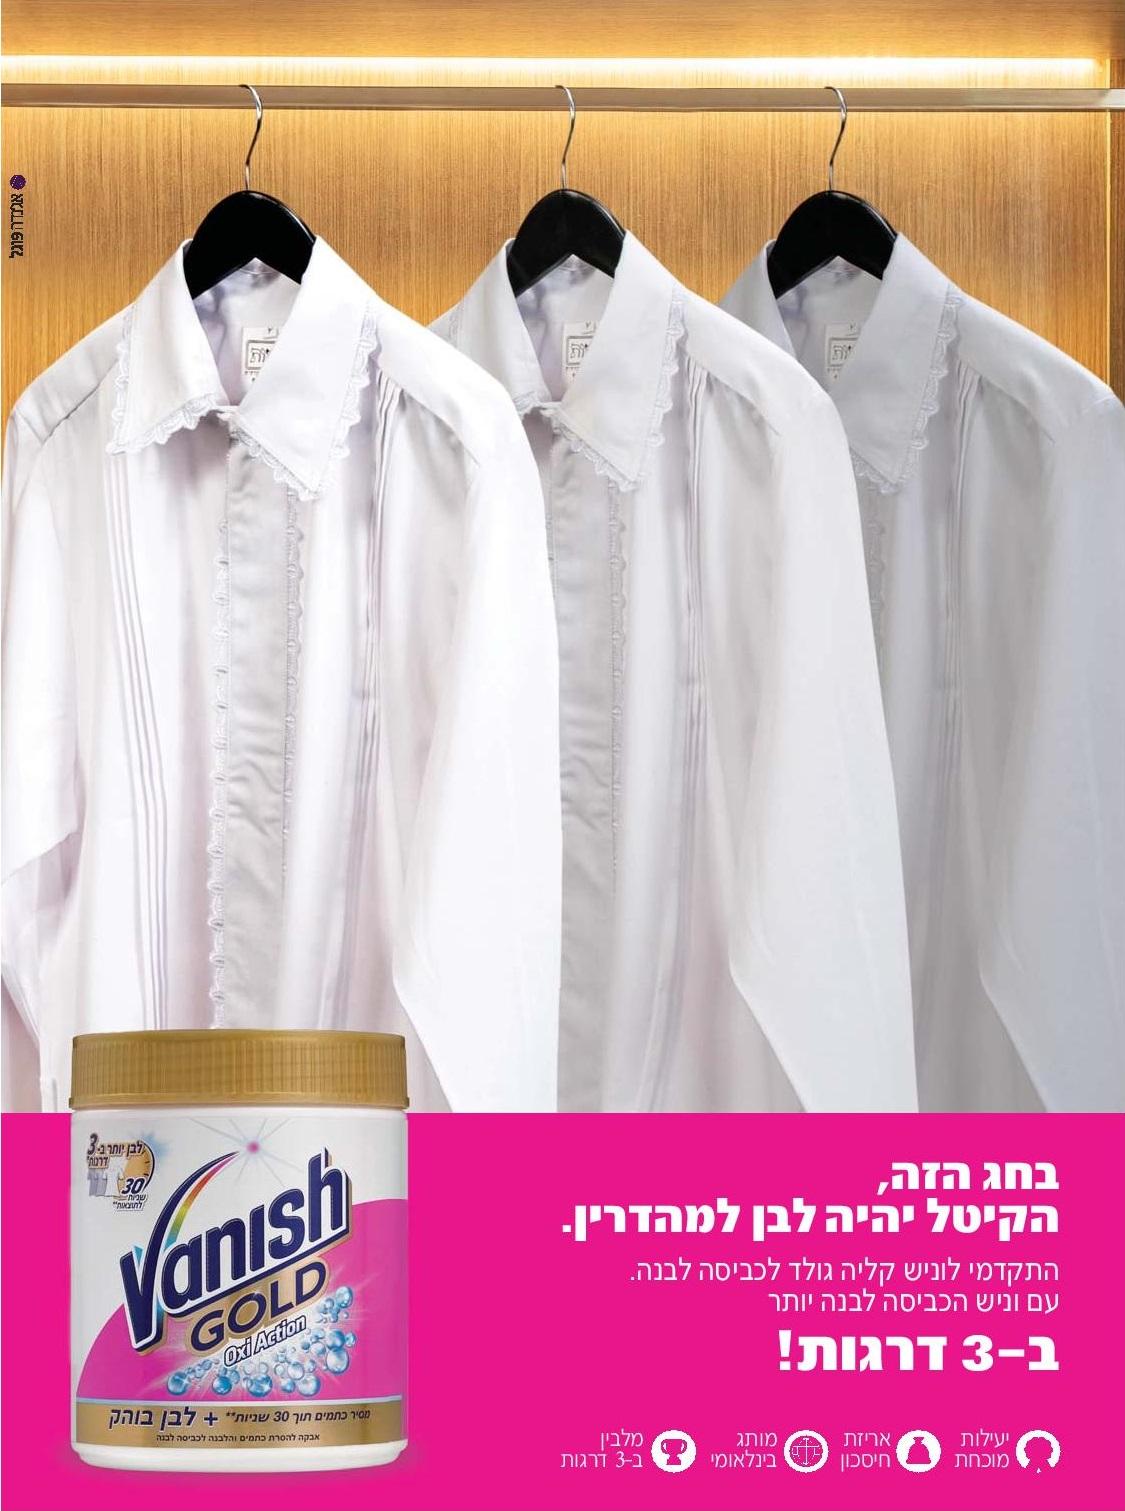 מותג הכביסה פונה לנשים חרדיות ומבטיח קיטל יותר לבן 1